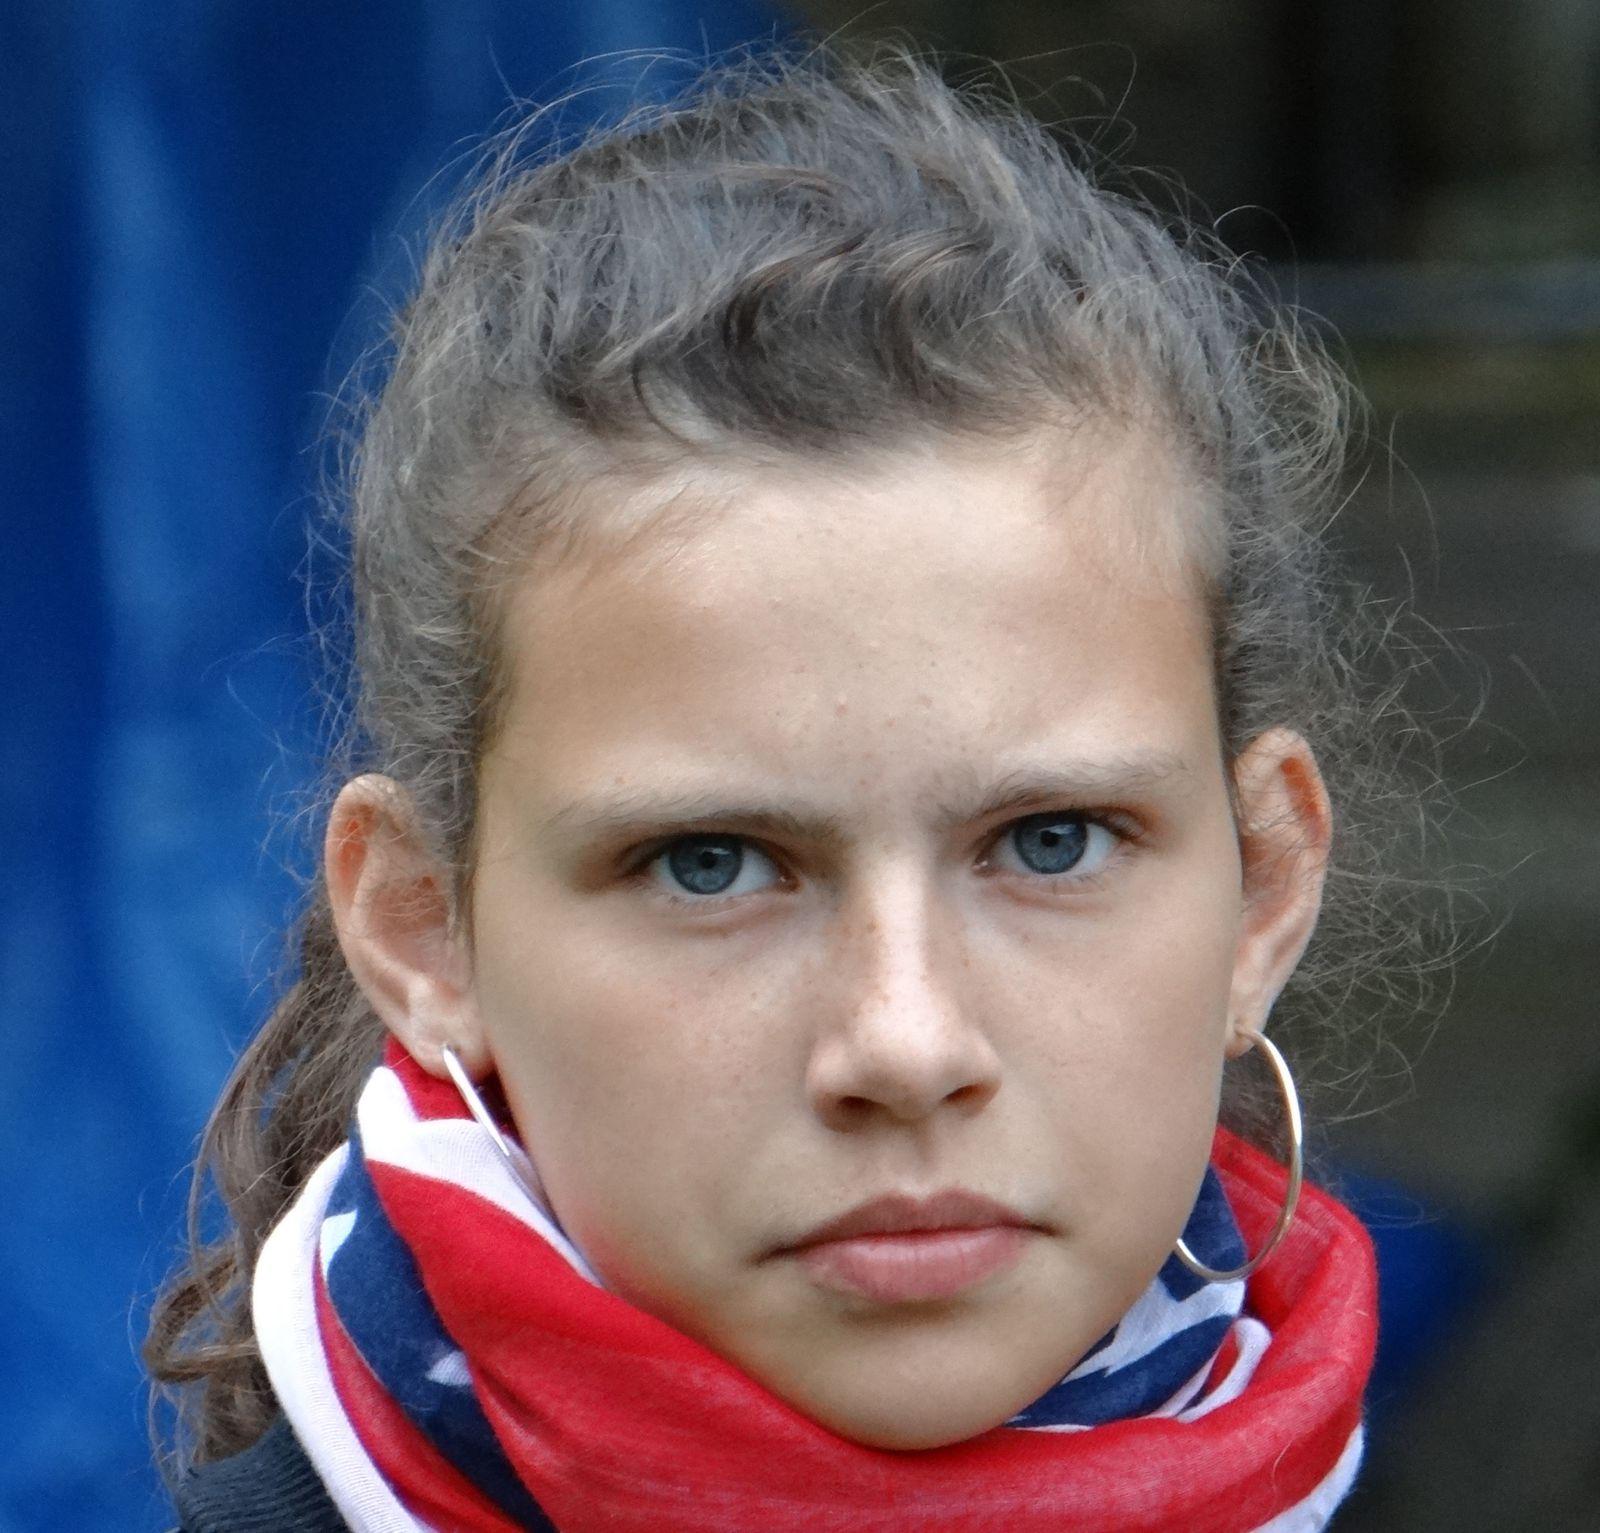 Charlotte De Surmont